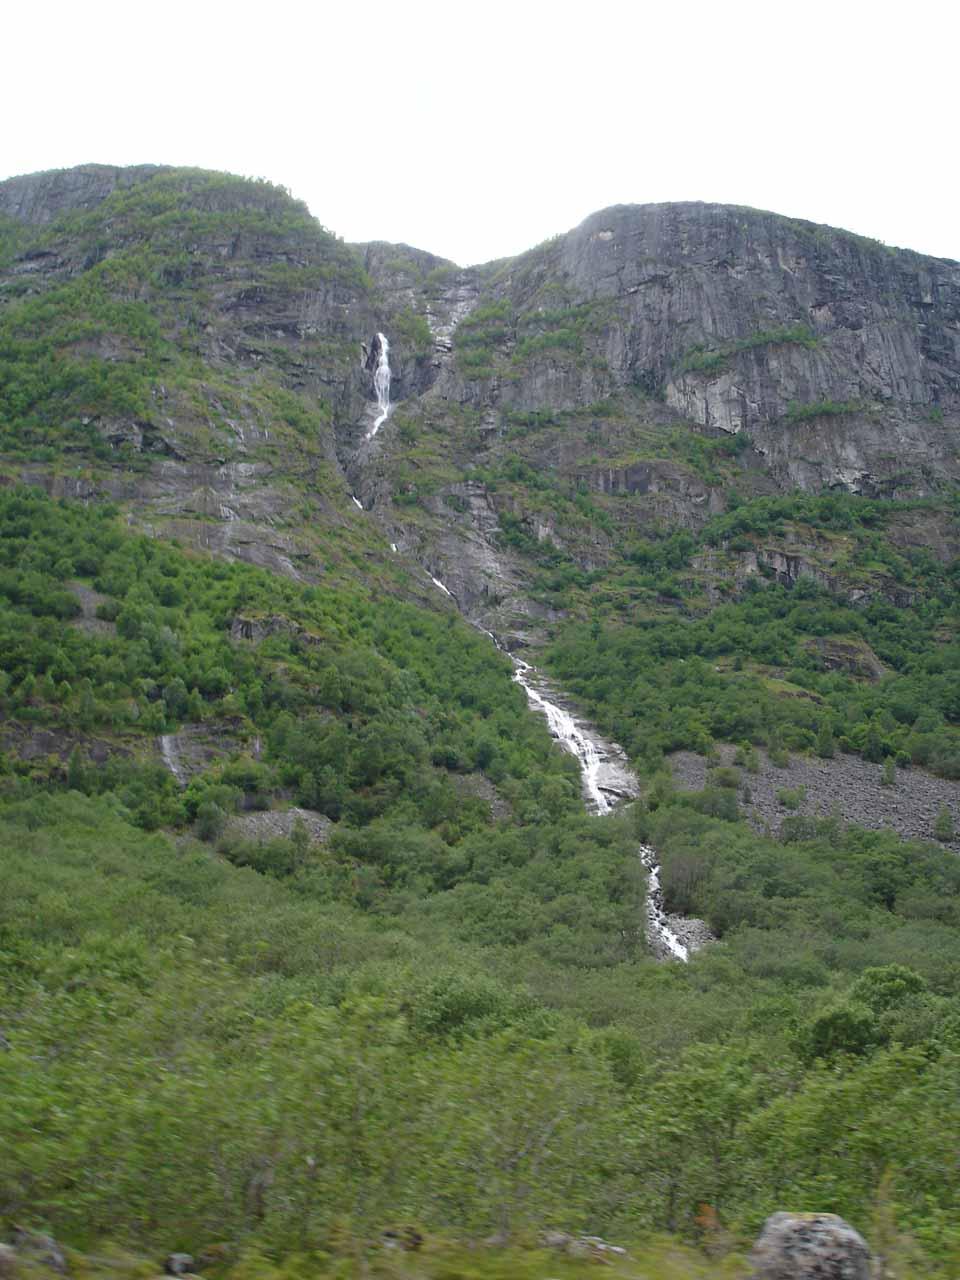 Another cascade seen as we were headed deeper into Hjølmodalen